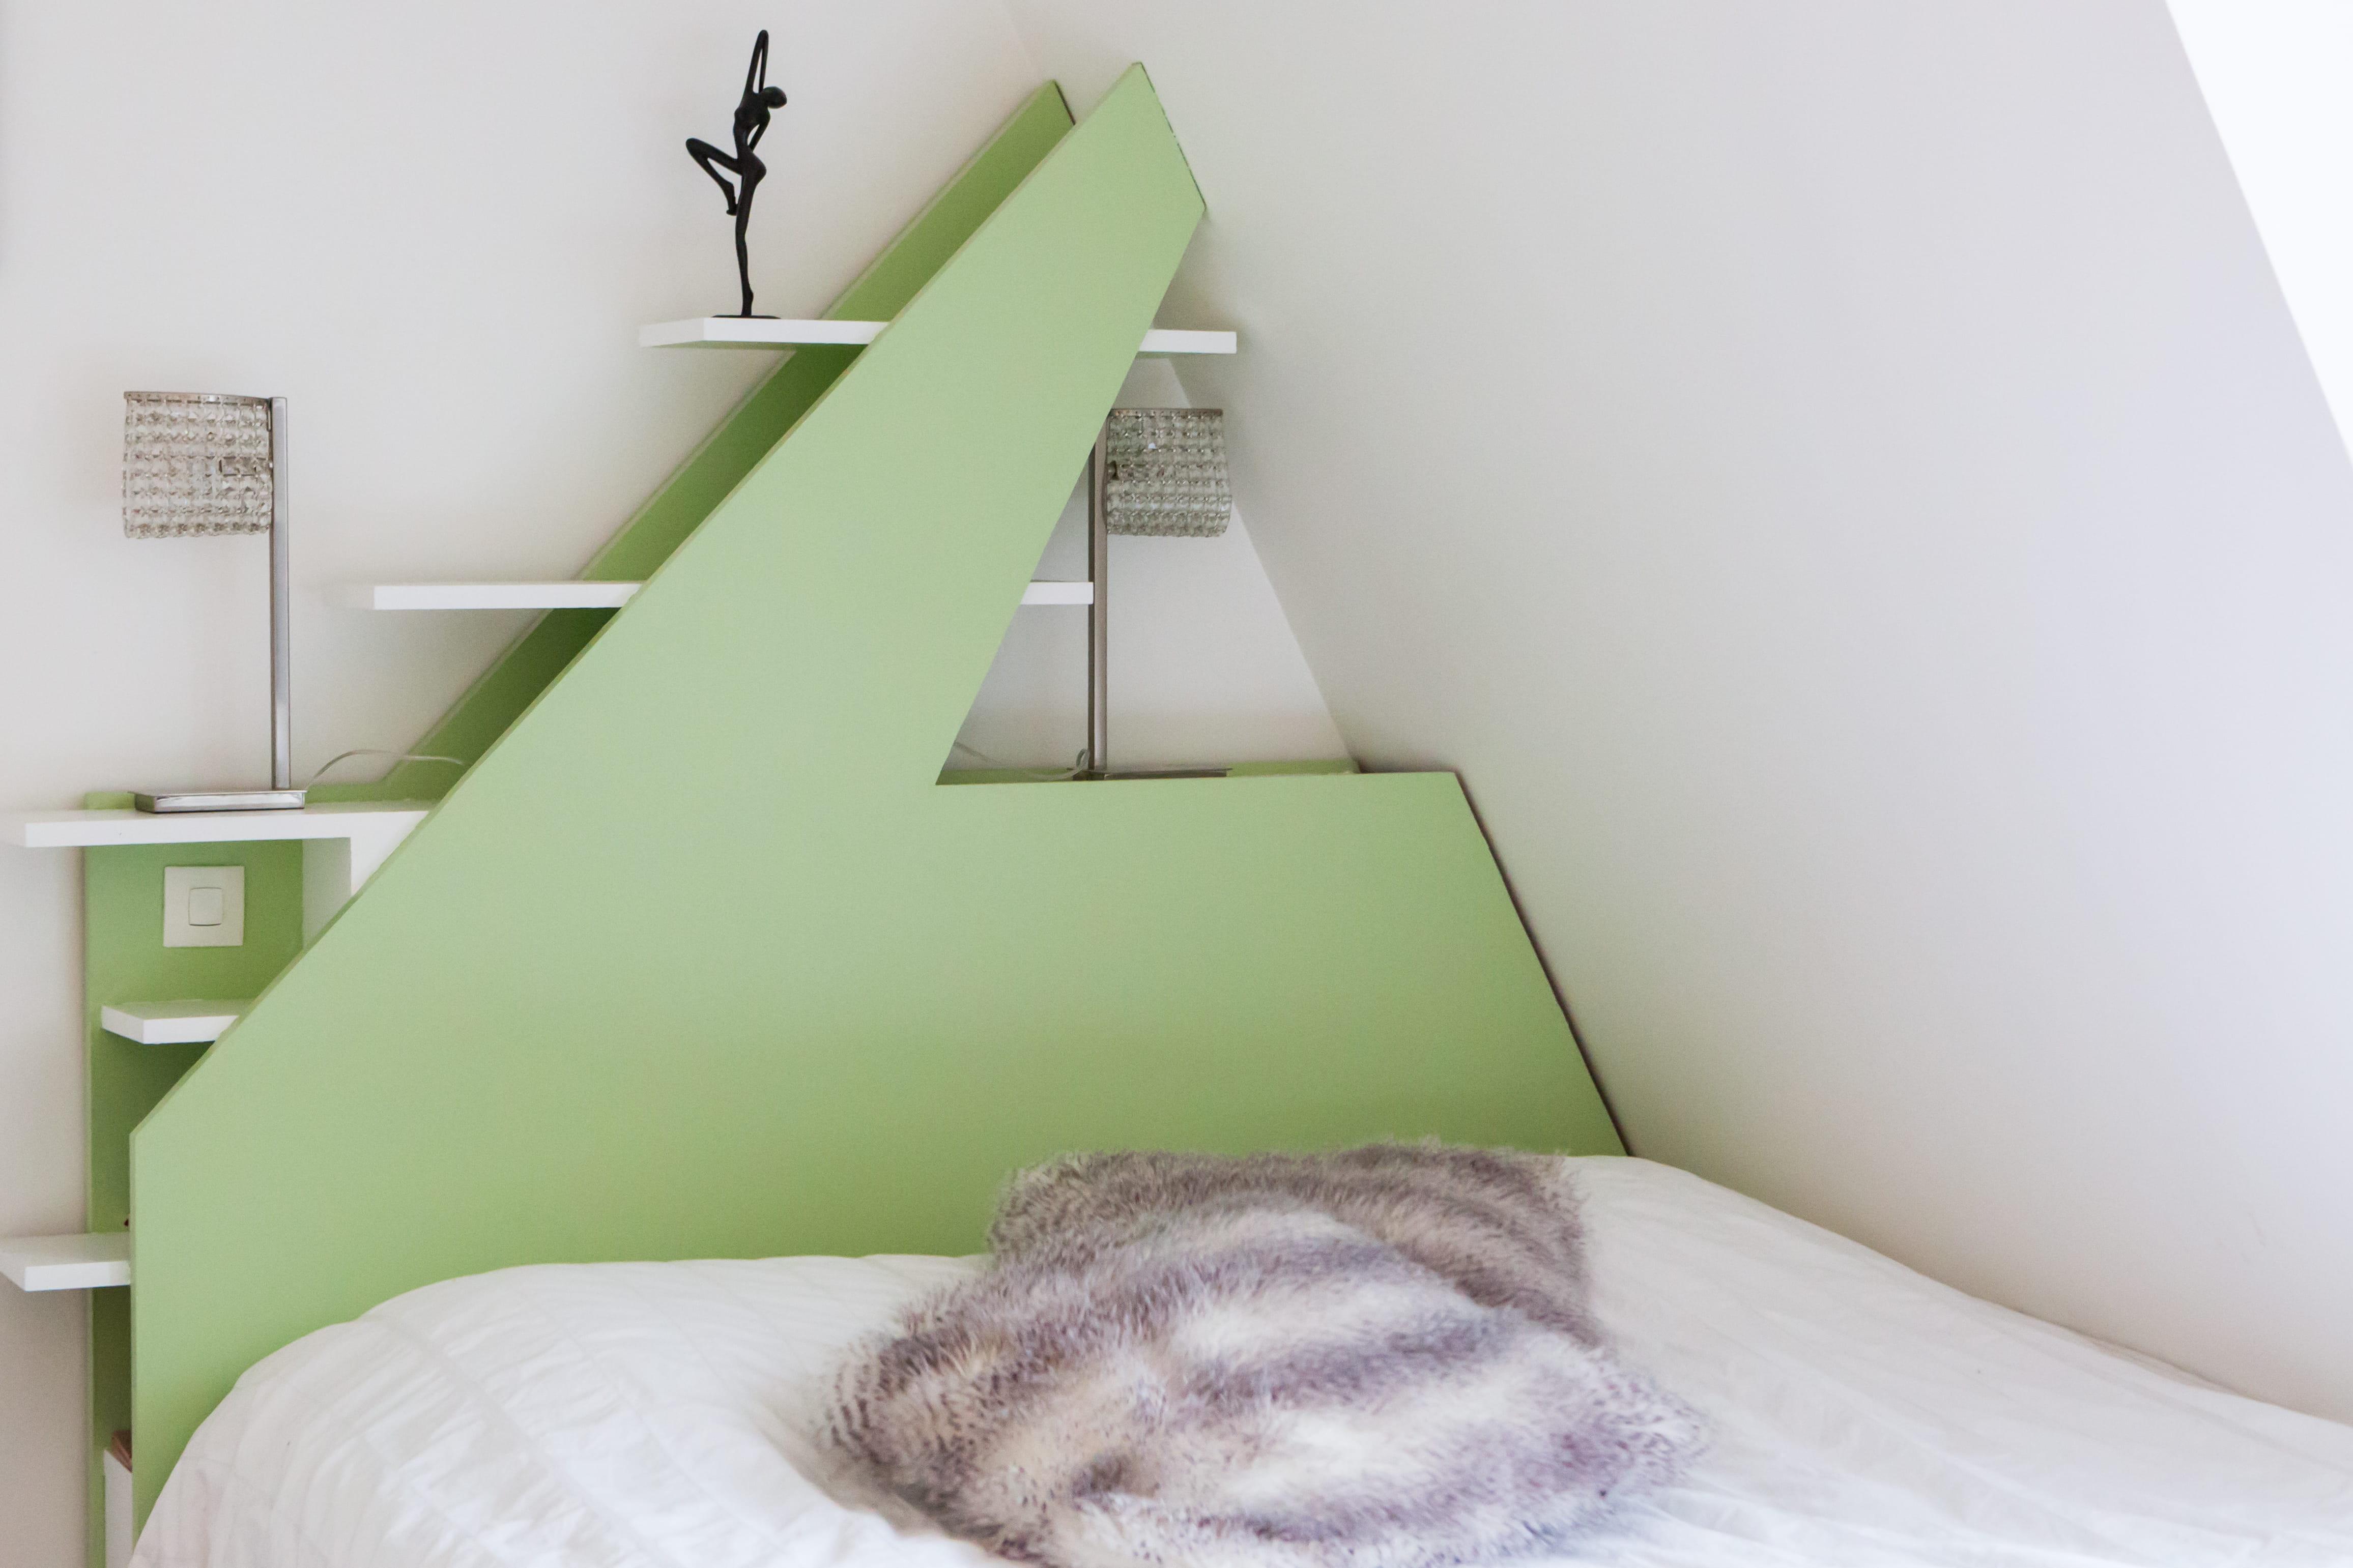 Une chambre aux couleurs pastel pour des nuits plus - Choisir les couleurs d une chambre ...